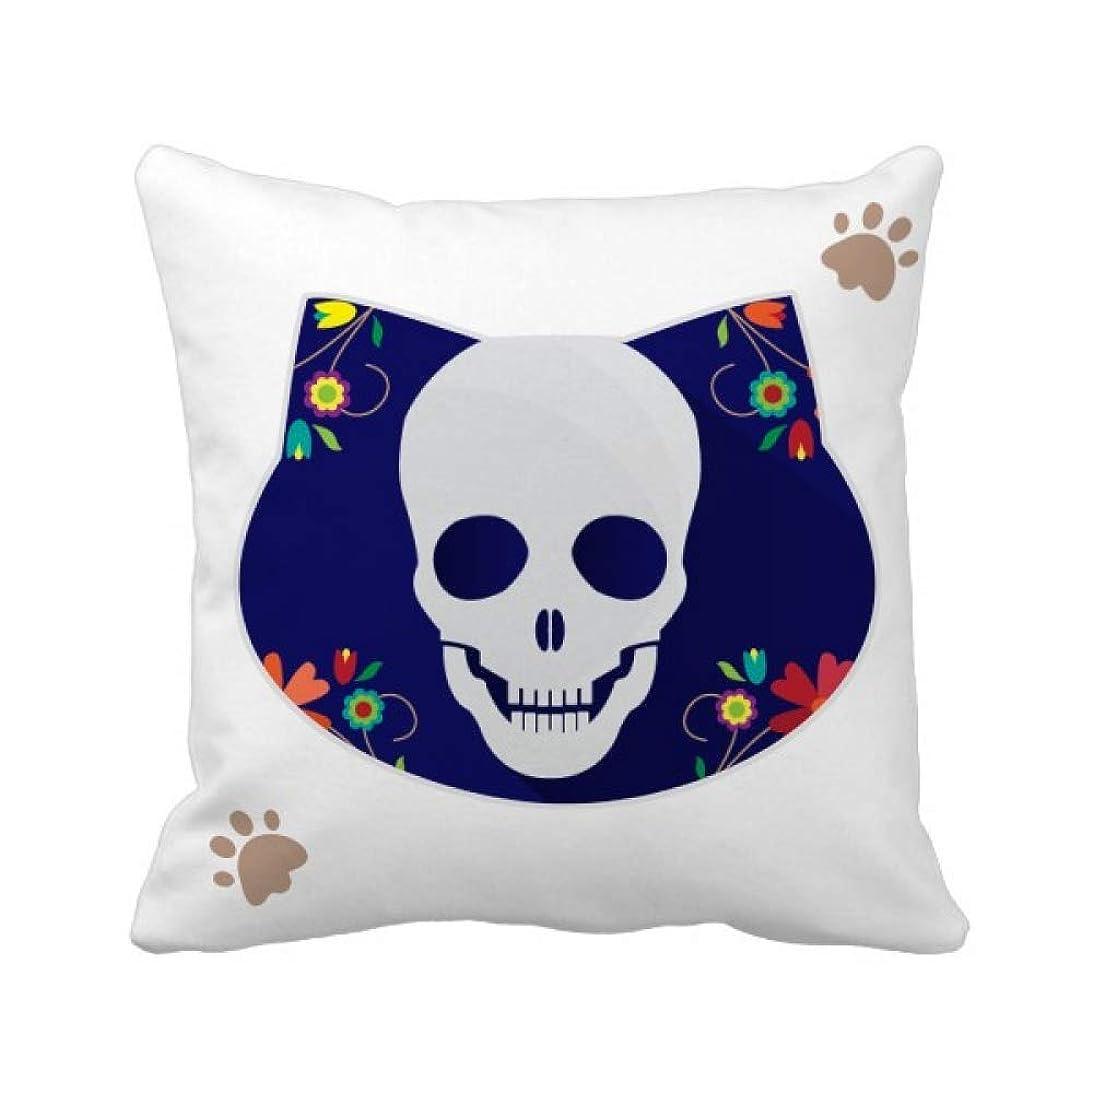 憂鬱修正広告主フラワースカルのイラスト 枕カバーを放り投げる猫広場 50cm x 50cm